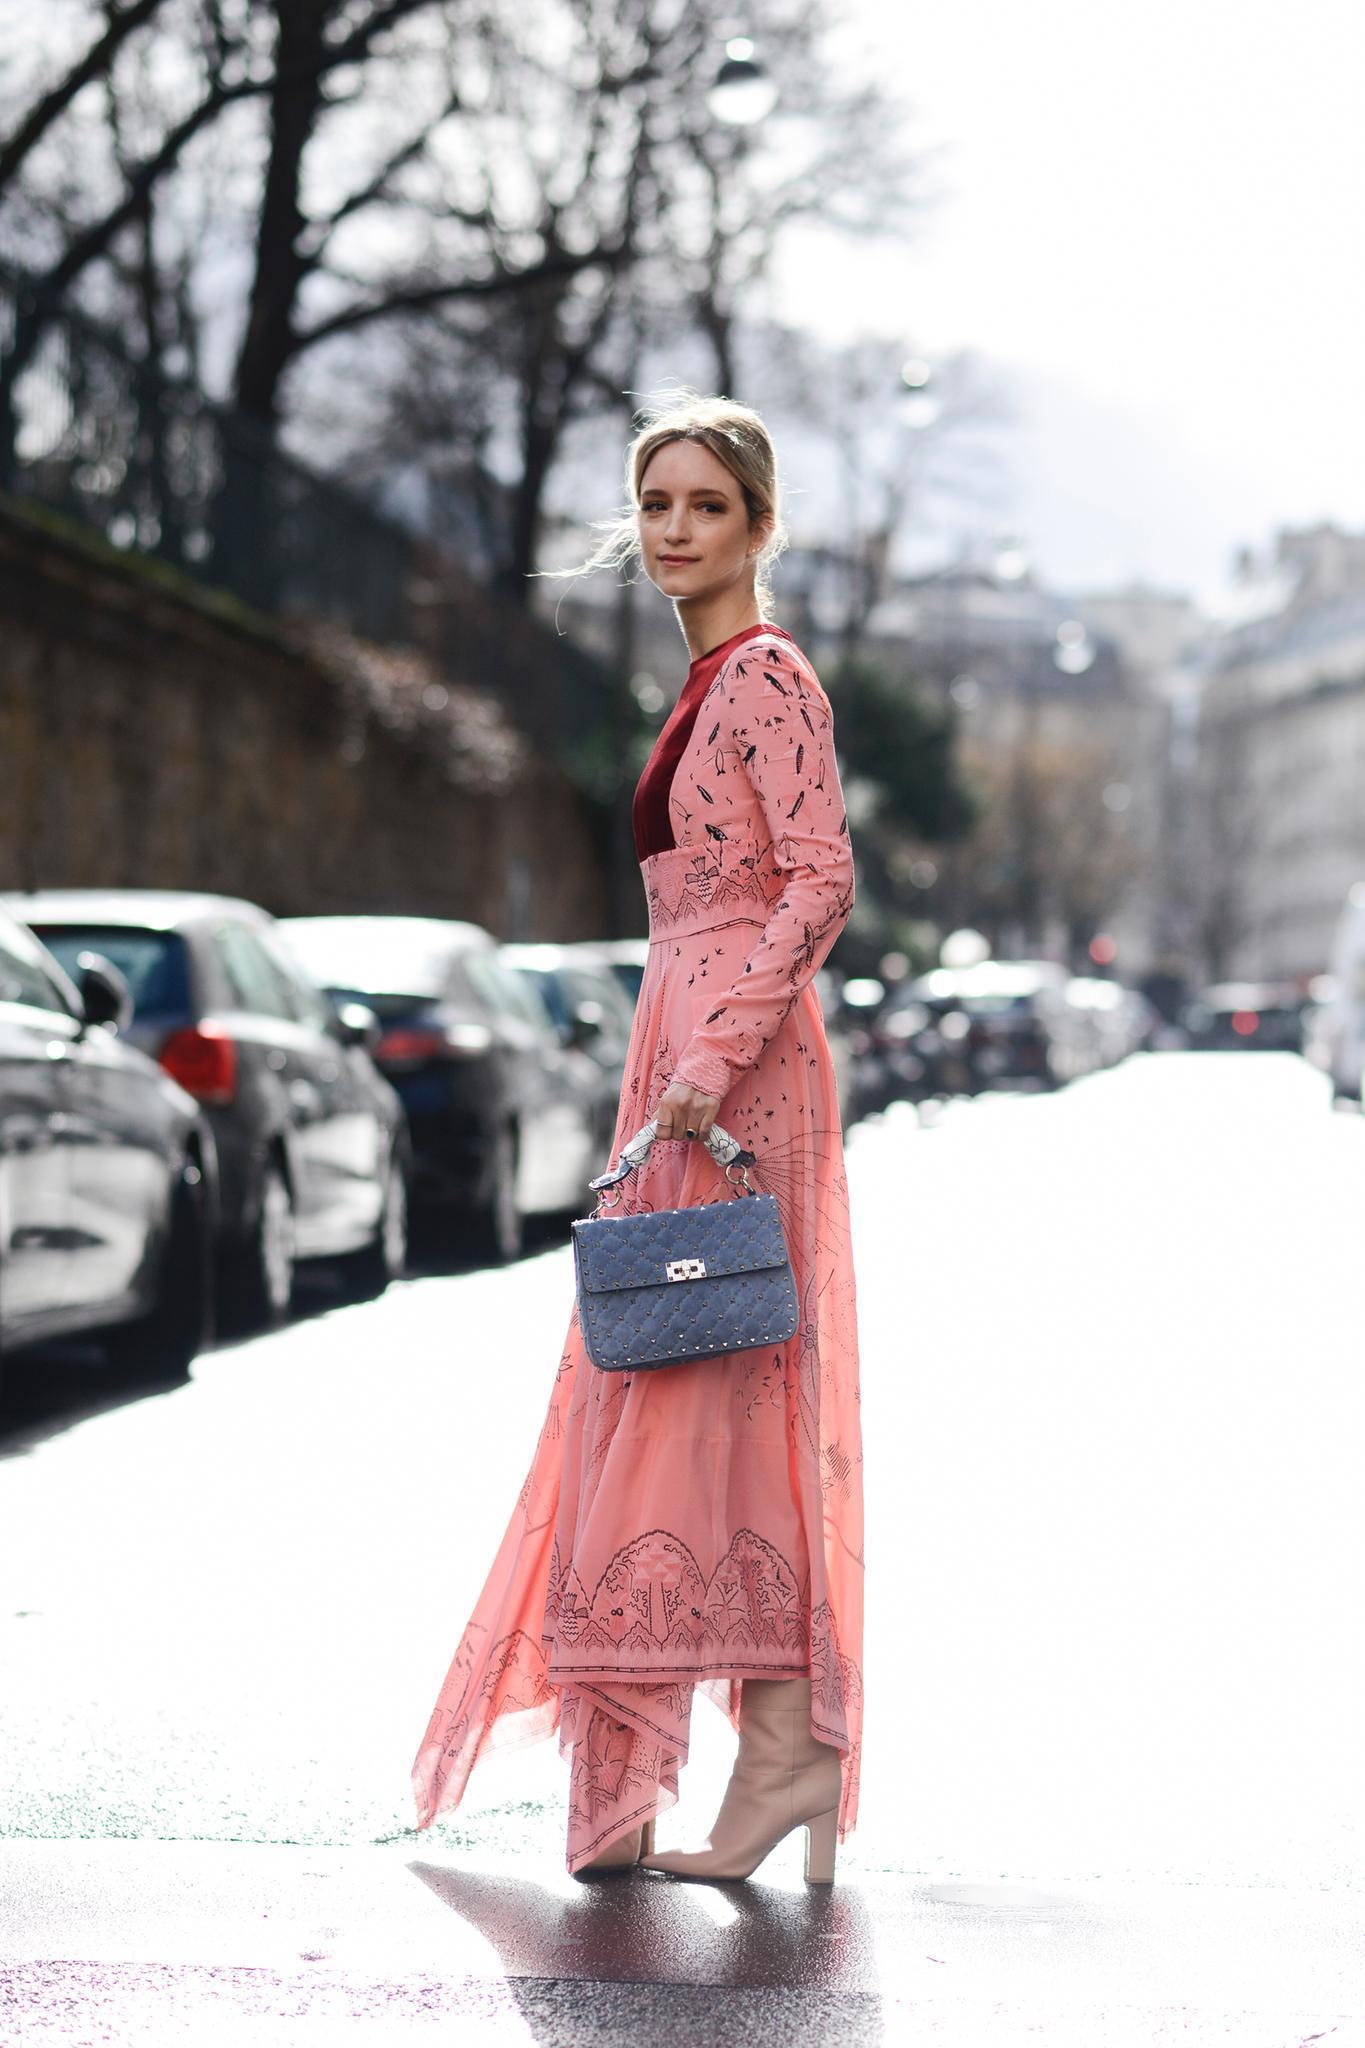 Bloggerin trägt Hippie-Kleid in Rosé zu crèmefarbene Boots